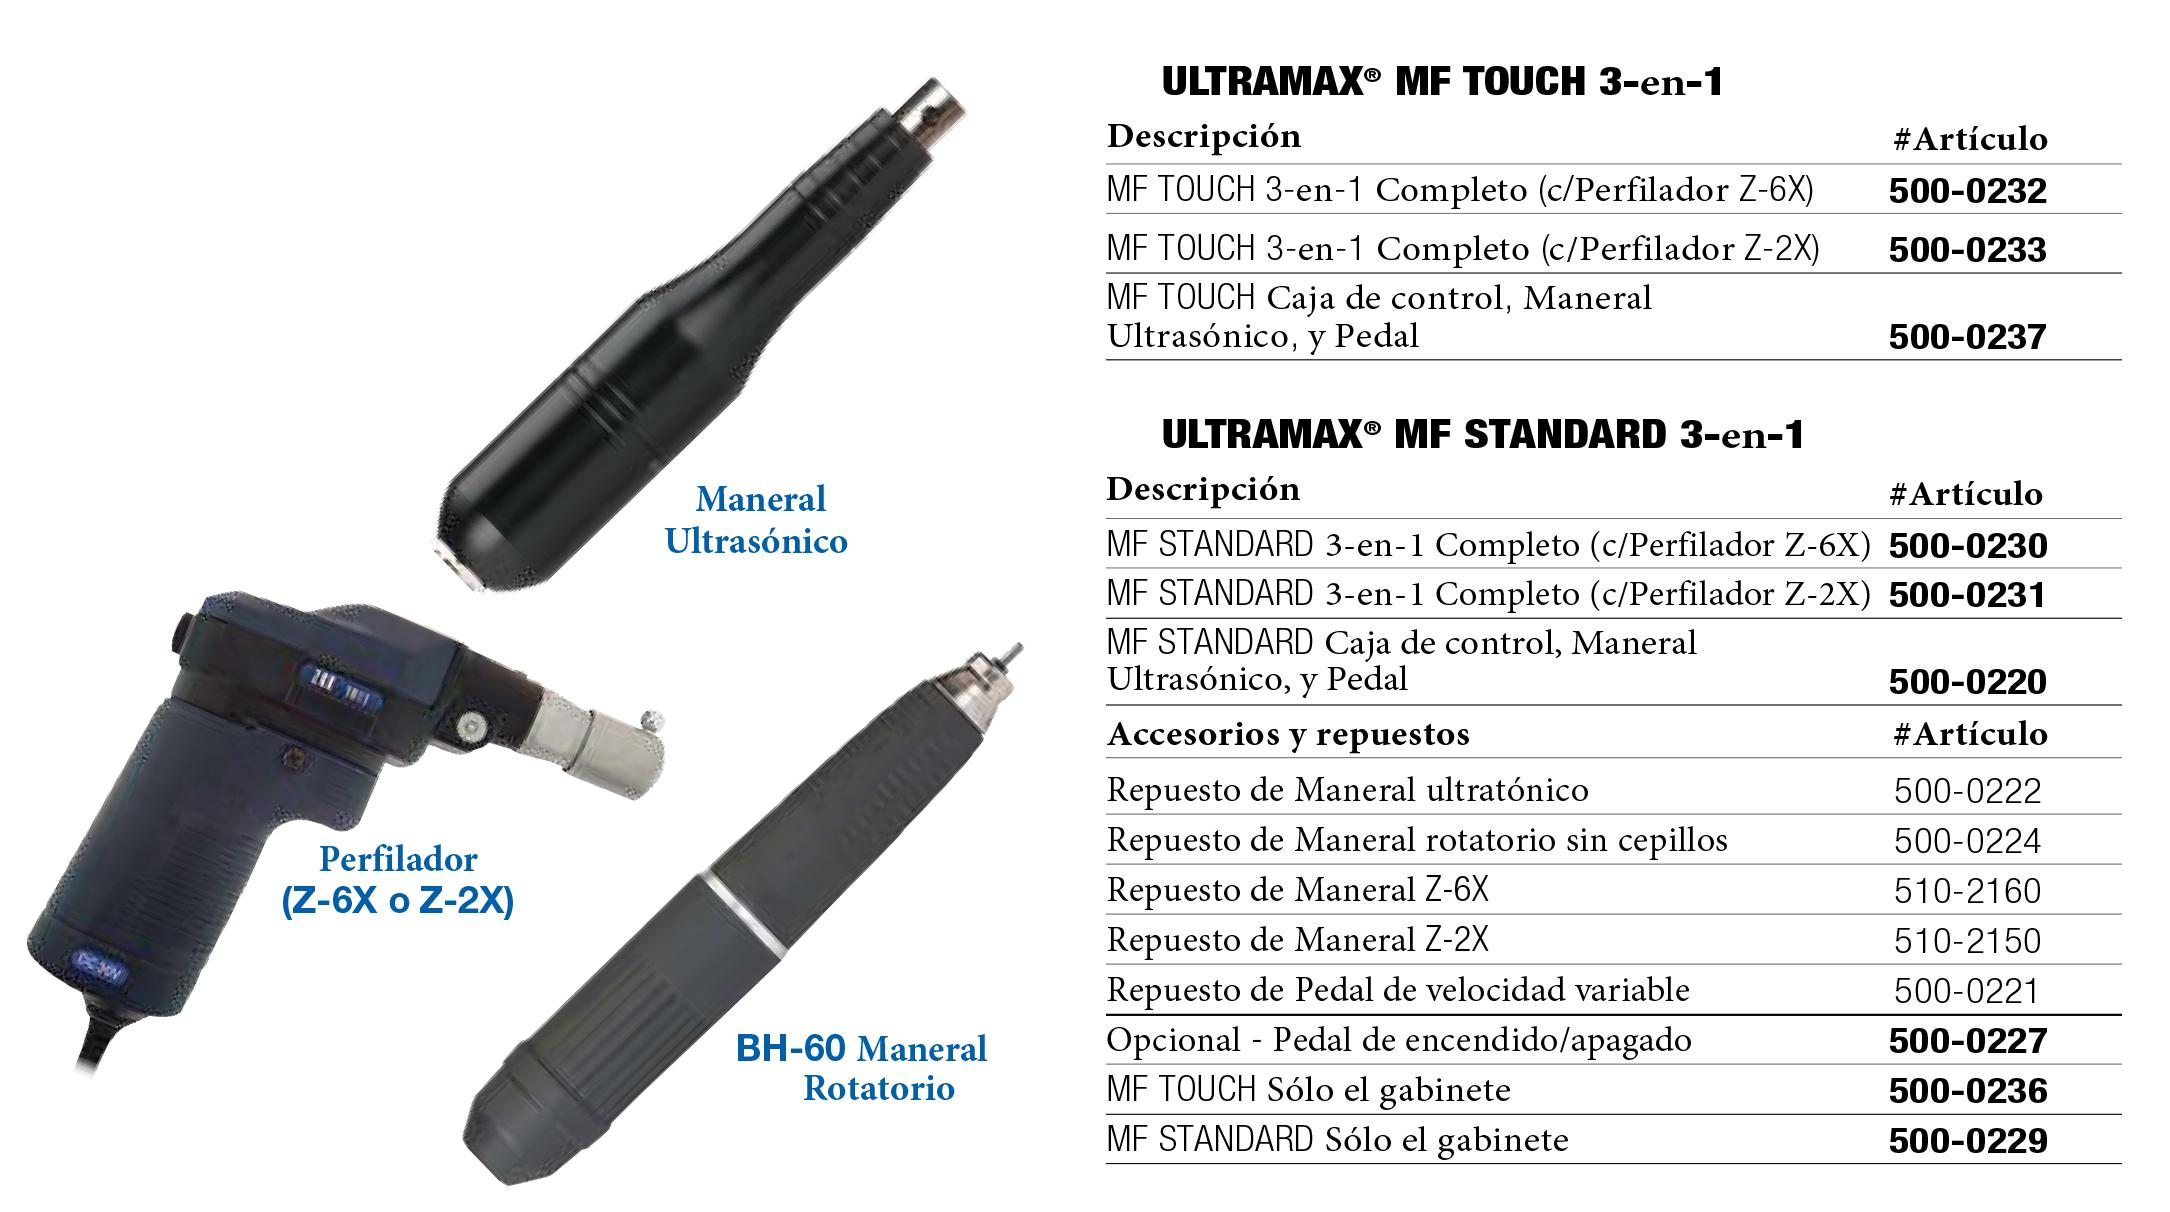 Ultramax MF (ficha)